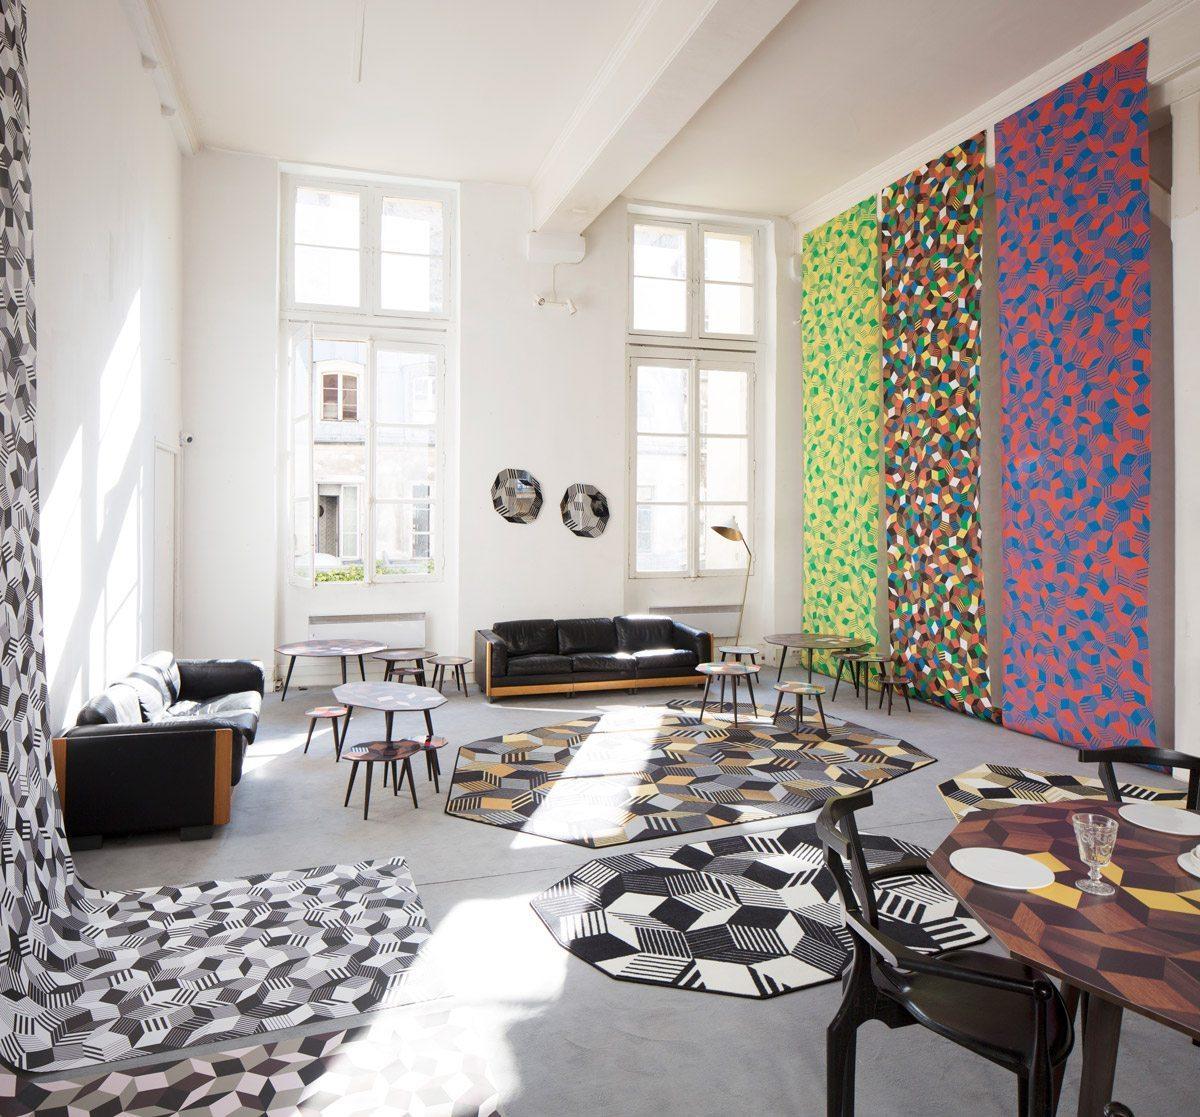 Exposition Penrose Project, Ich&Kar - Bazartherapy, Paris Design Week 2015, installation monumental de papiers peints, tables et tapis design aux motifs géométriques, restaurant Le Derrière